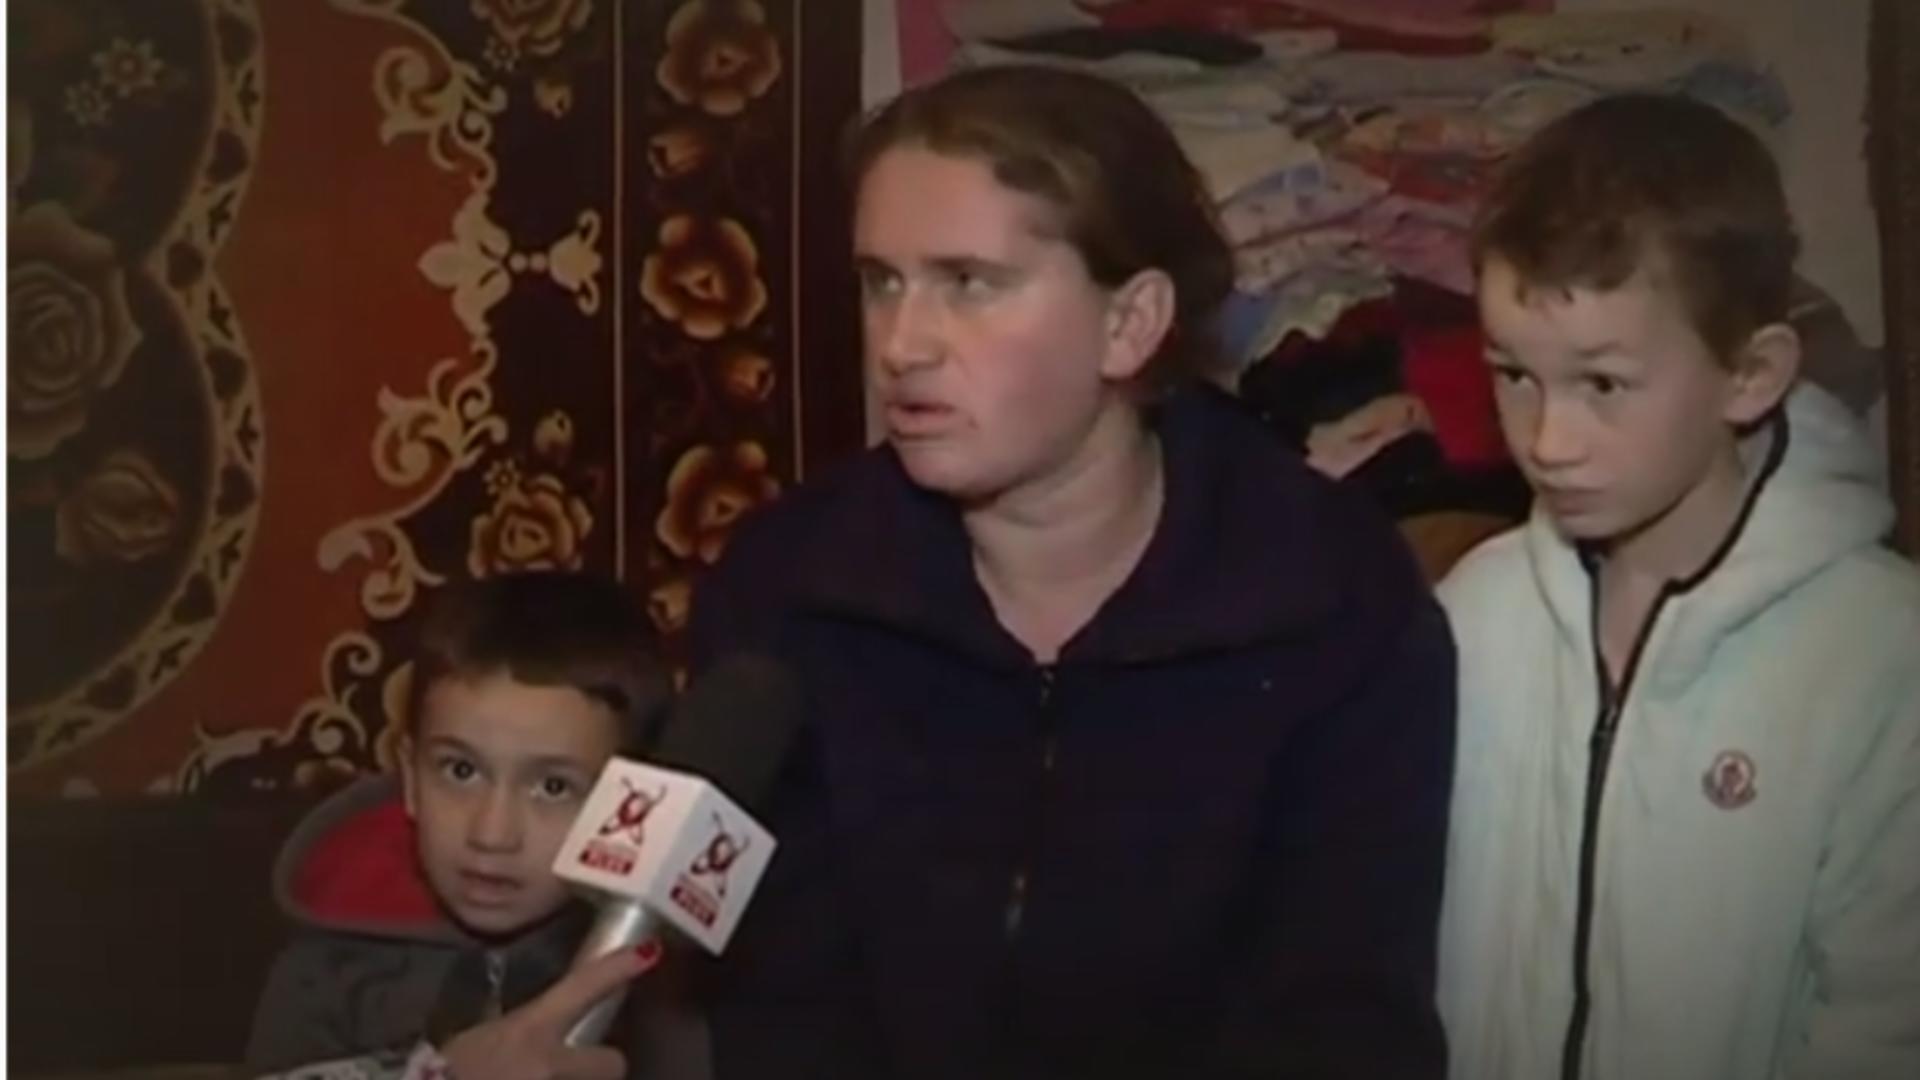 Realitatea de langa tine - cazul familiei Medeleanu